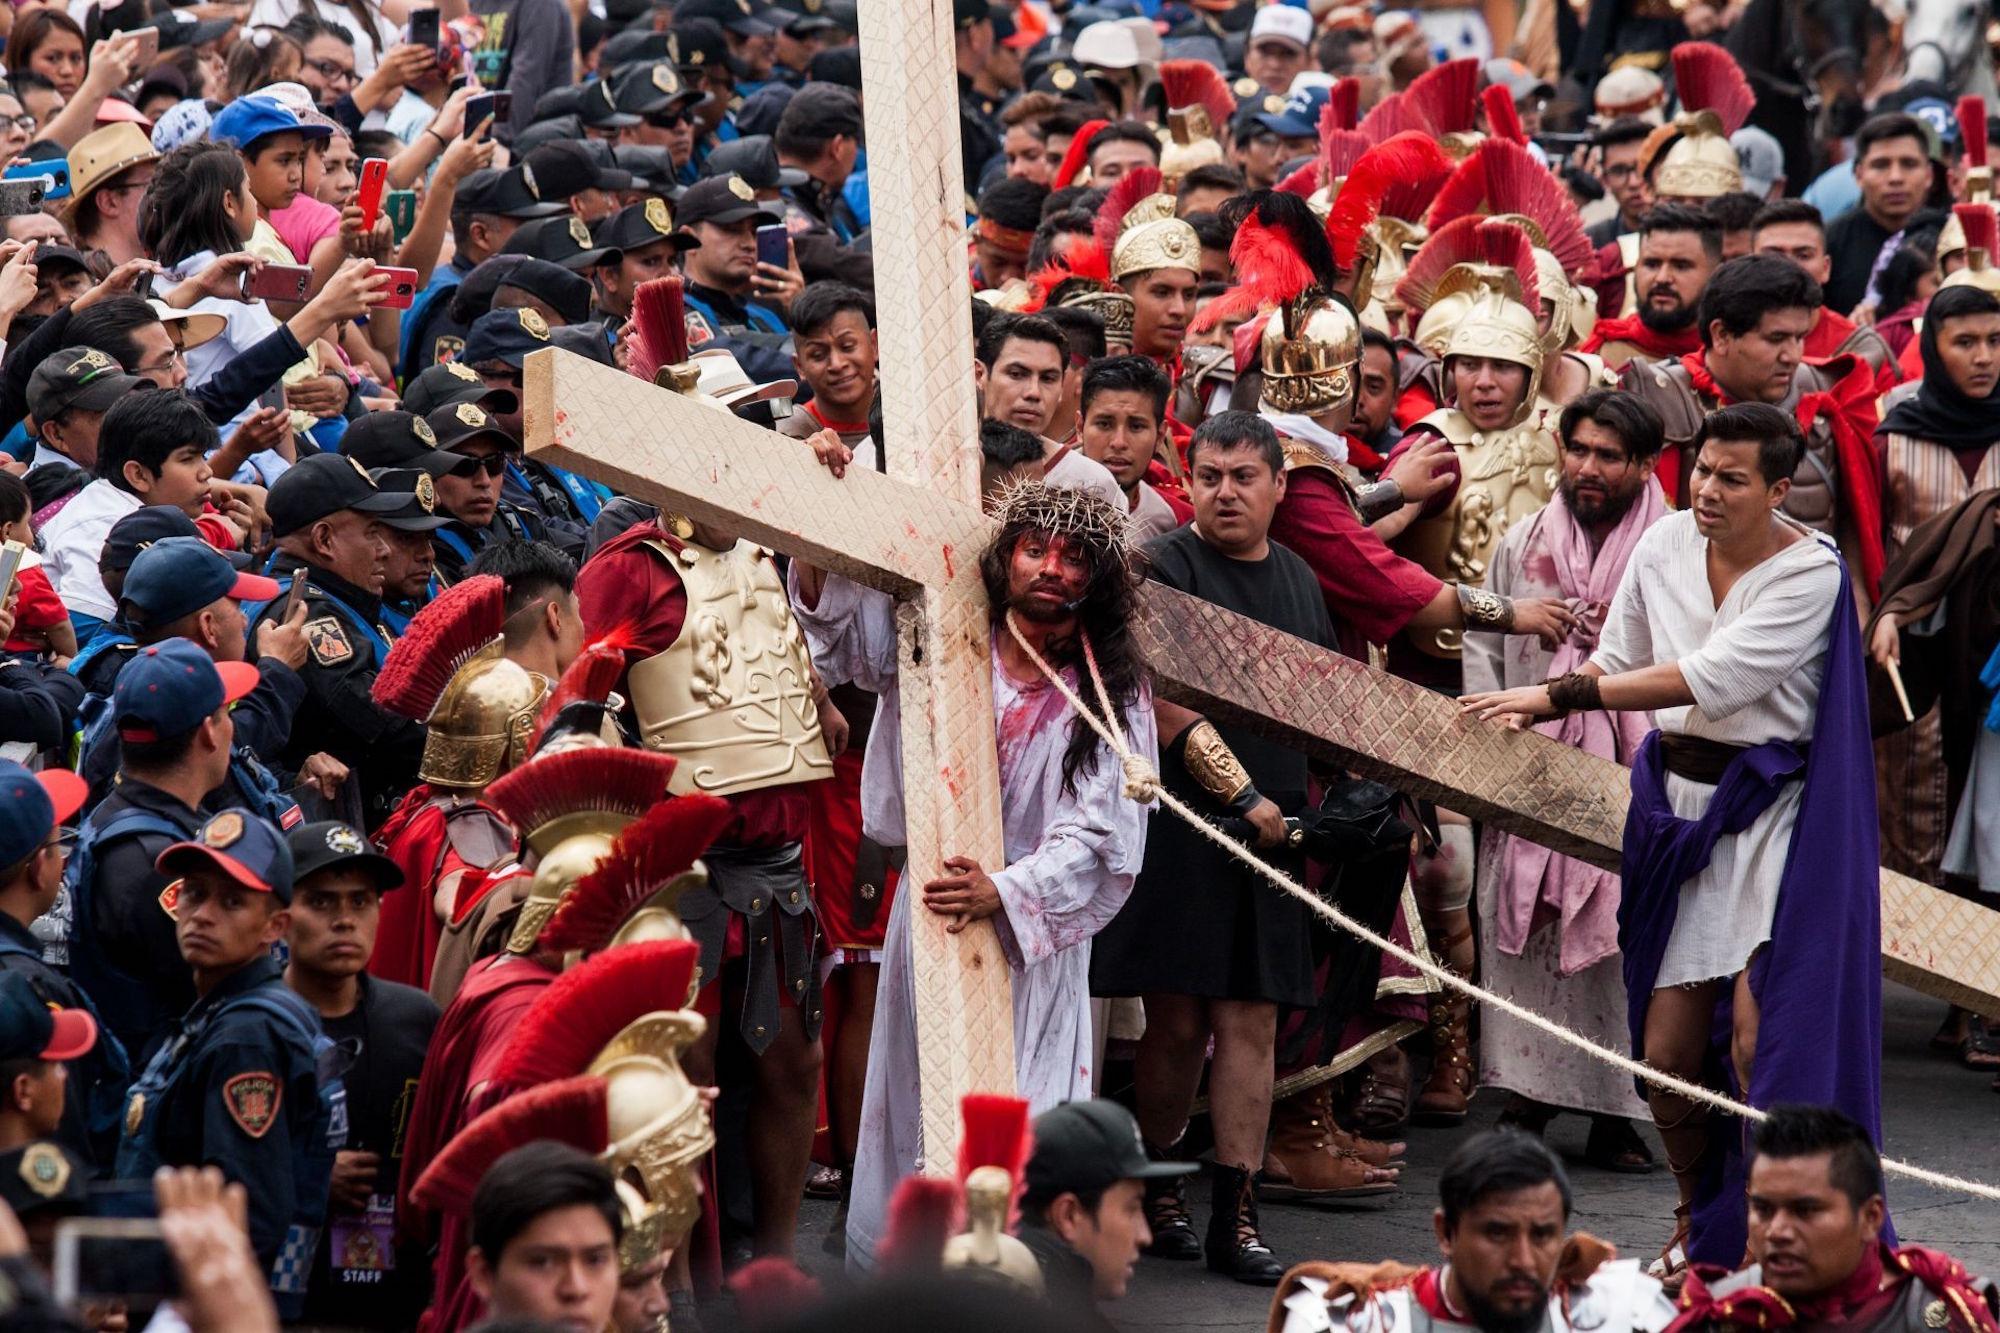 Foto Semana Santa Pasión Cristo Marzo 2020